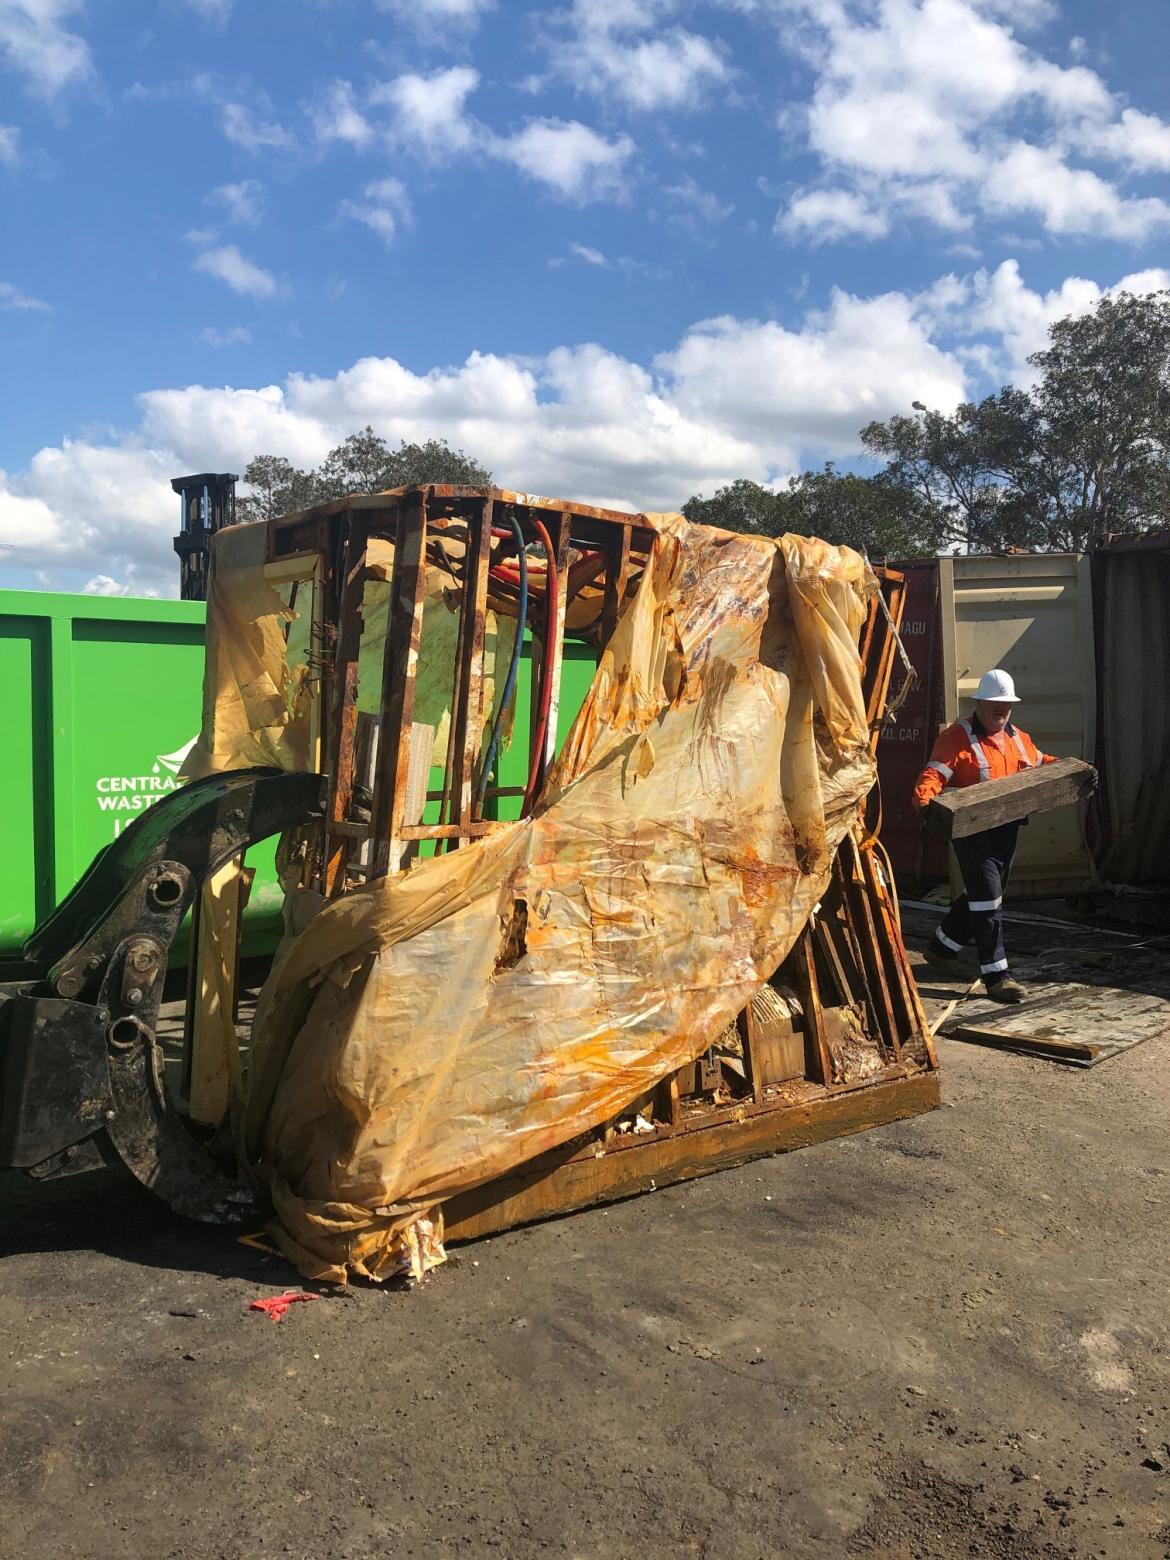 Bathroom pod in the waste yard